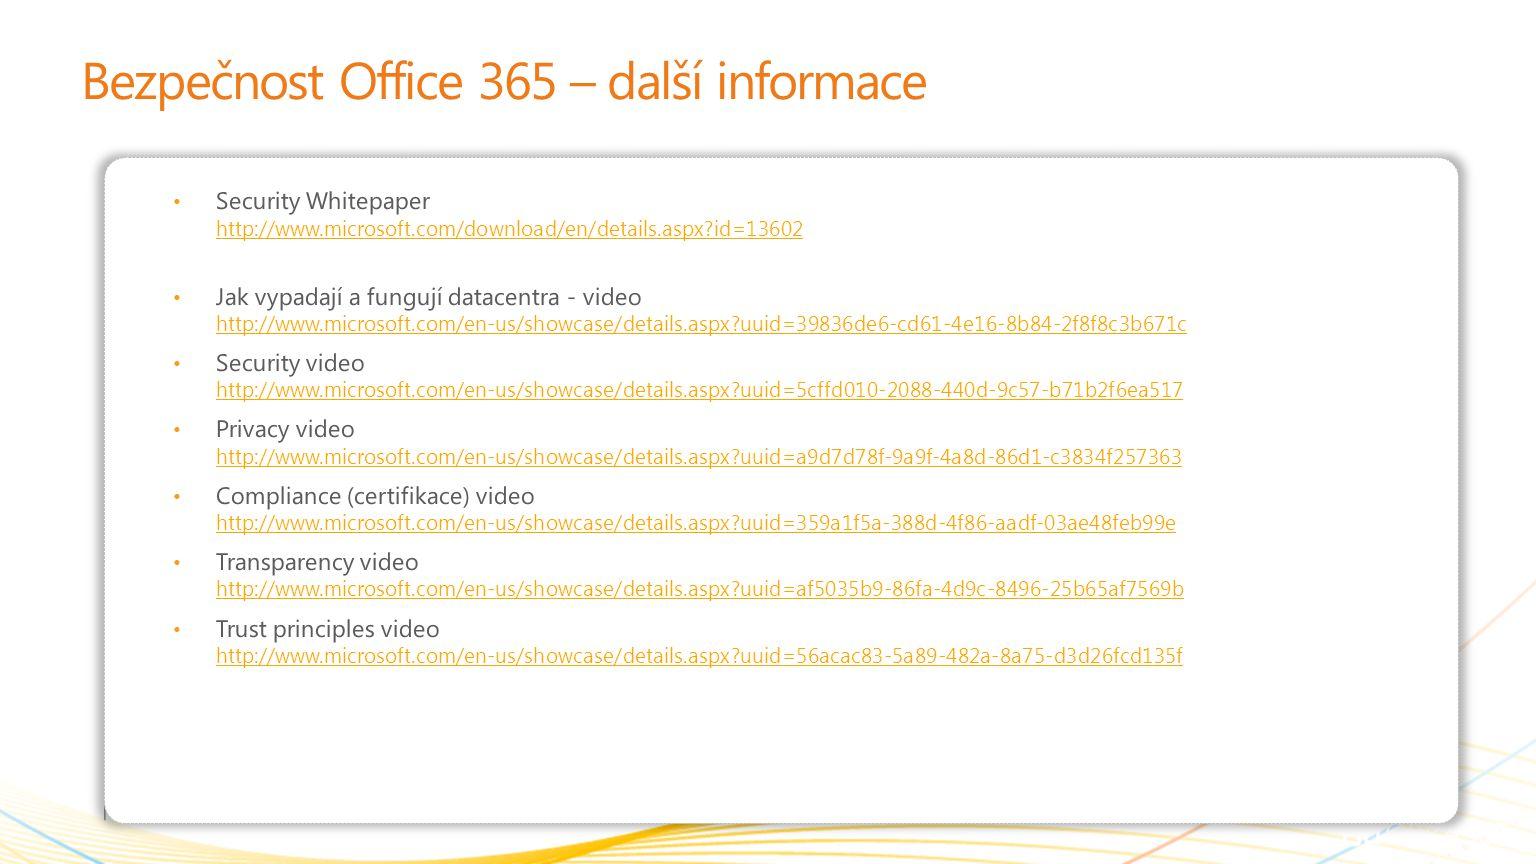 Bezpečnost Office 365 – další informace